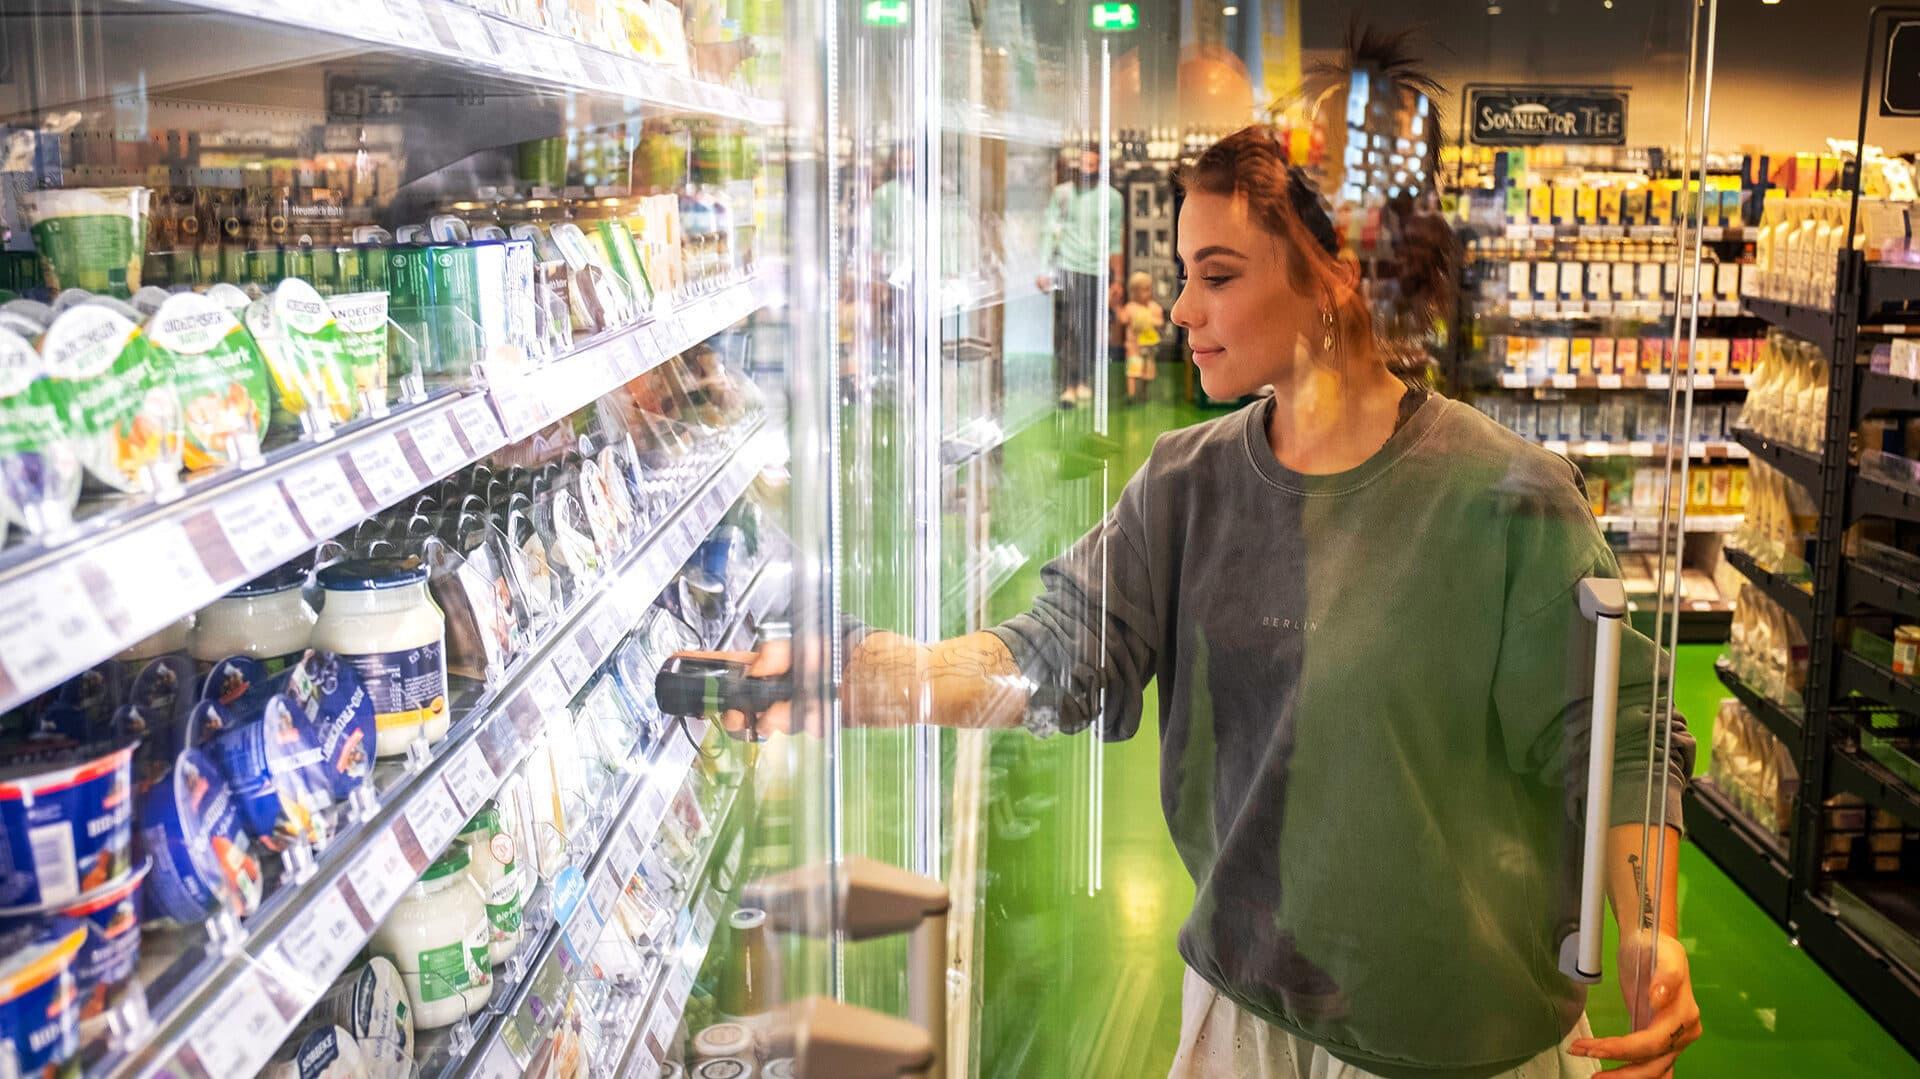 Frau nimmt ein Produkt aus der Kühltruhe